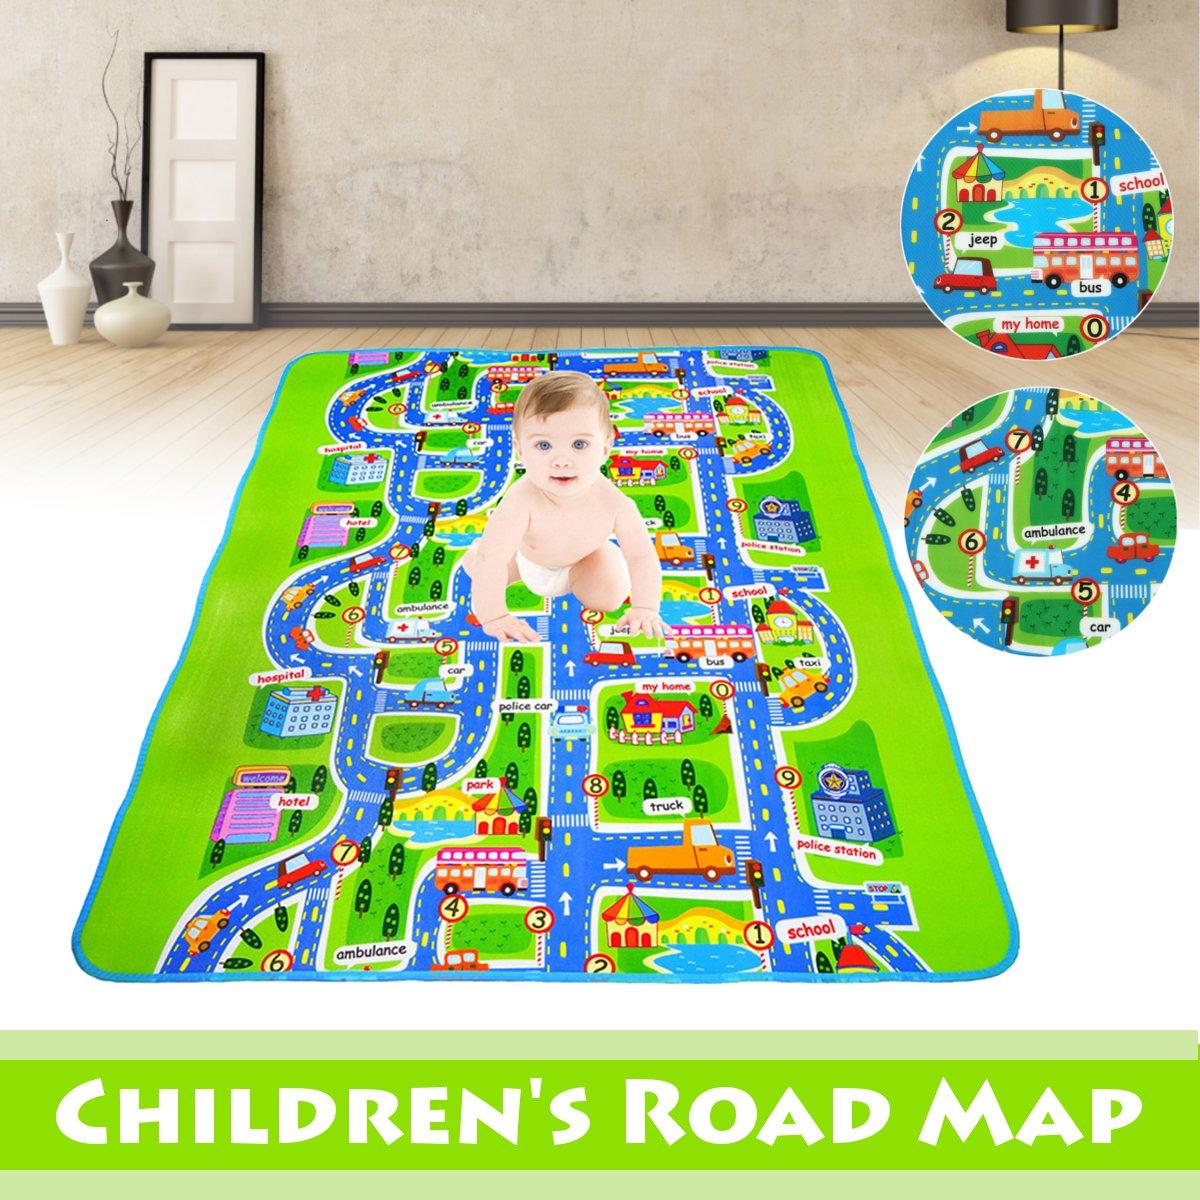 criancas do bebe mapa da estrada da crianca crawl jogar jogo piquenique tapete carta alfabeto esteiras